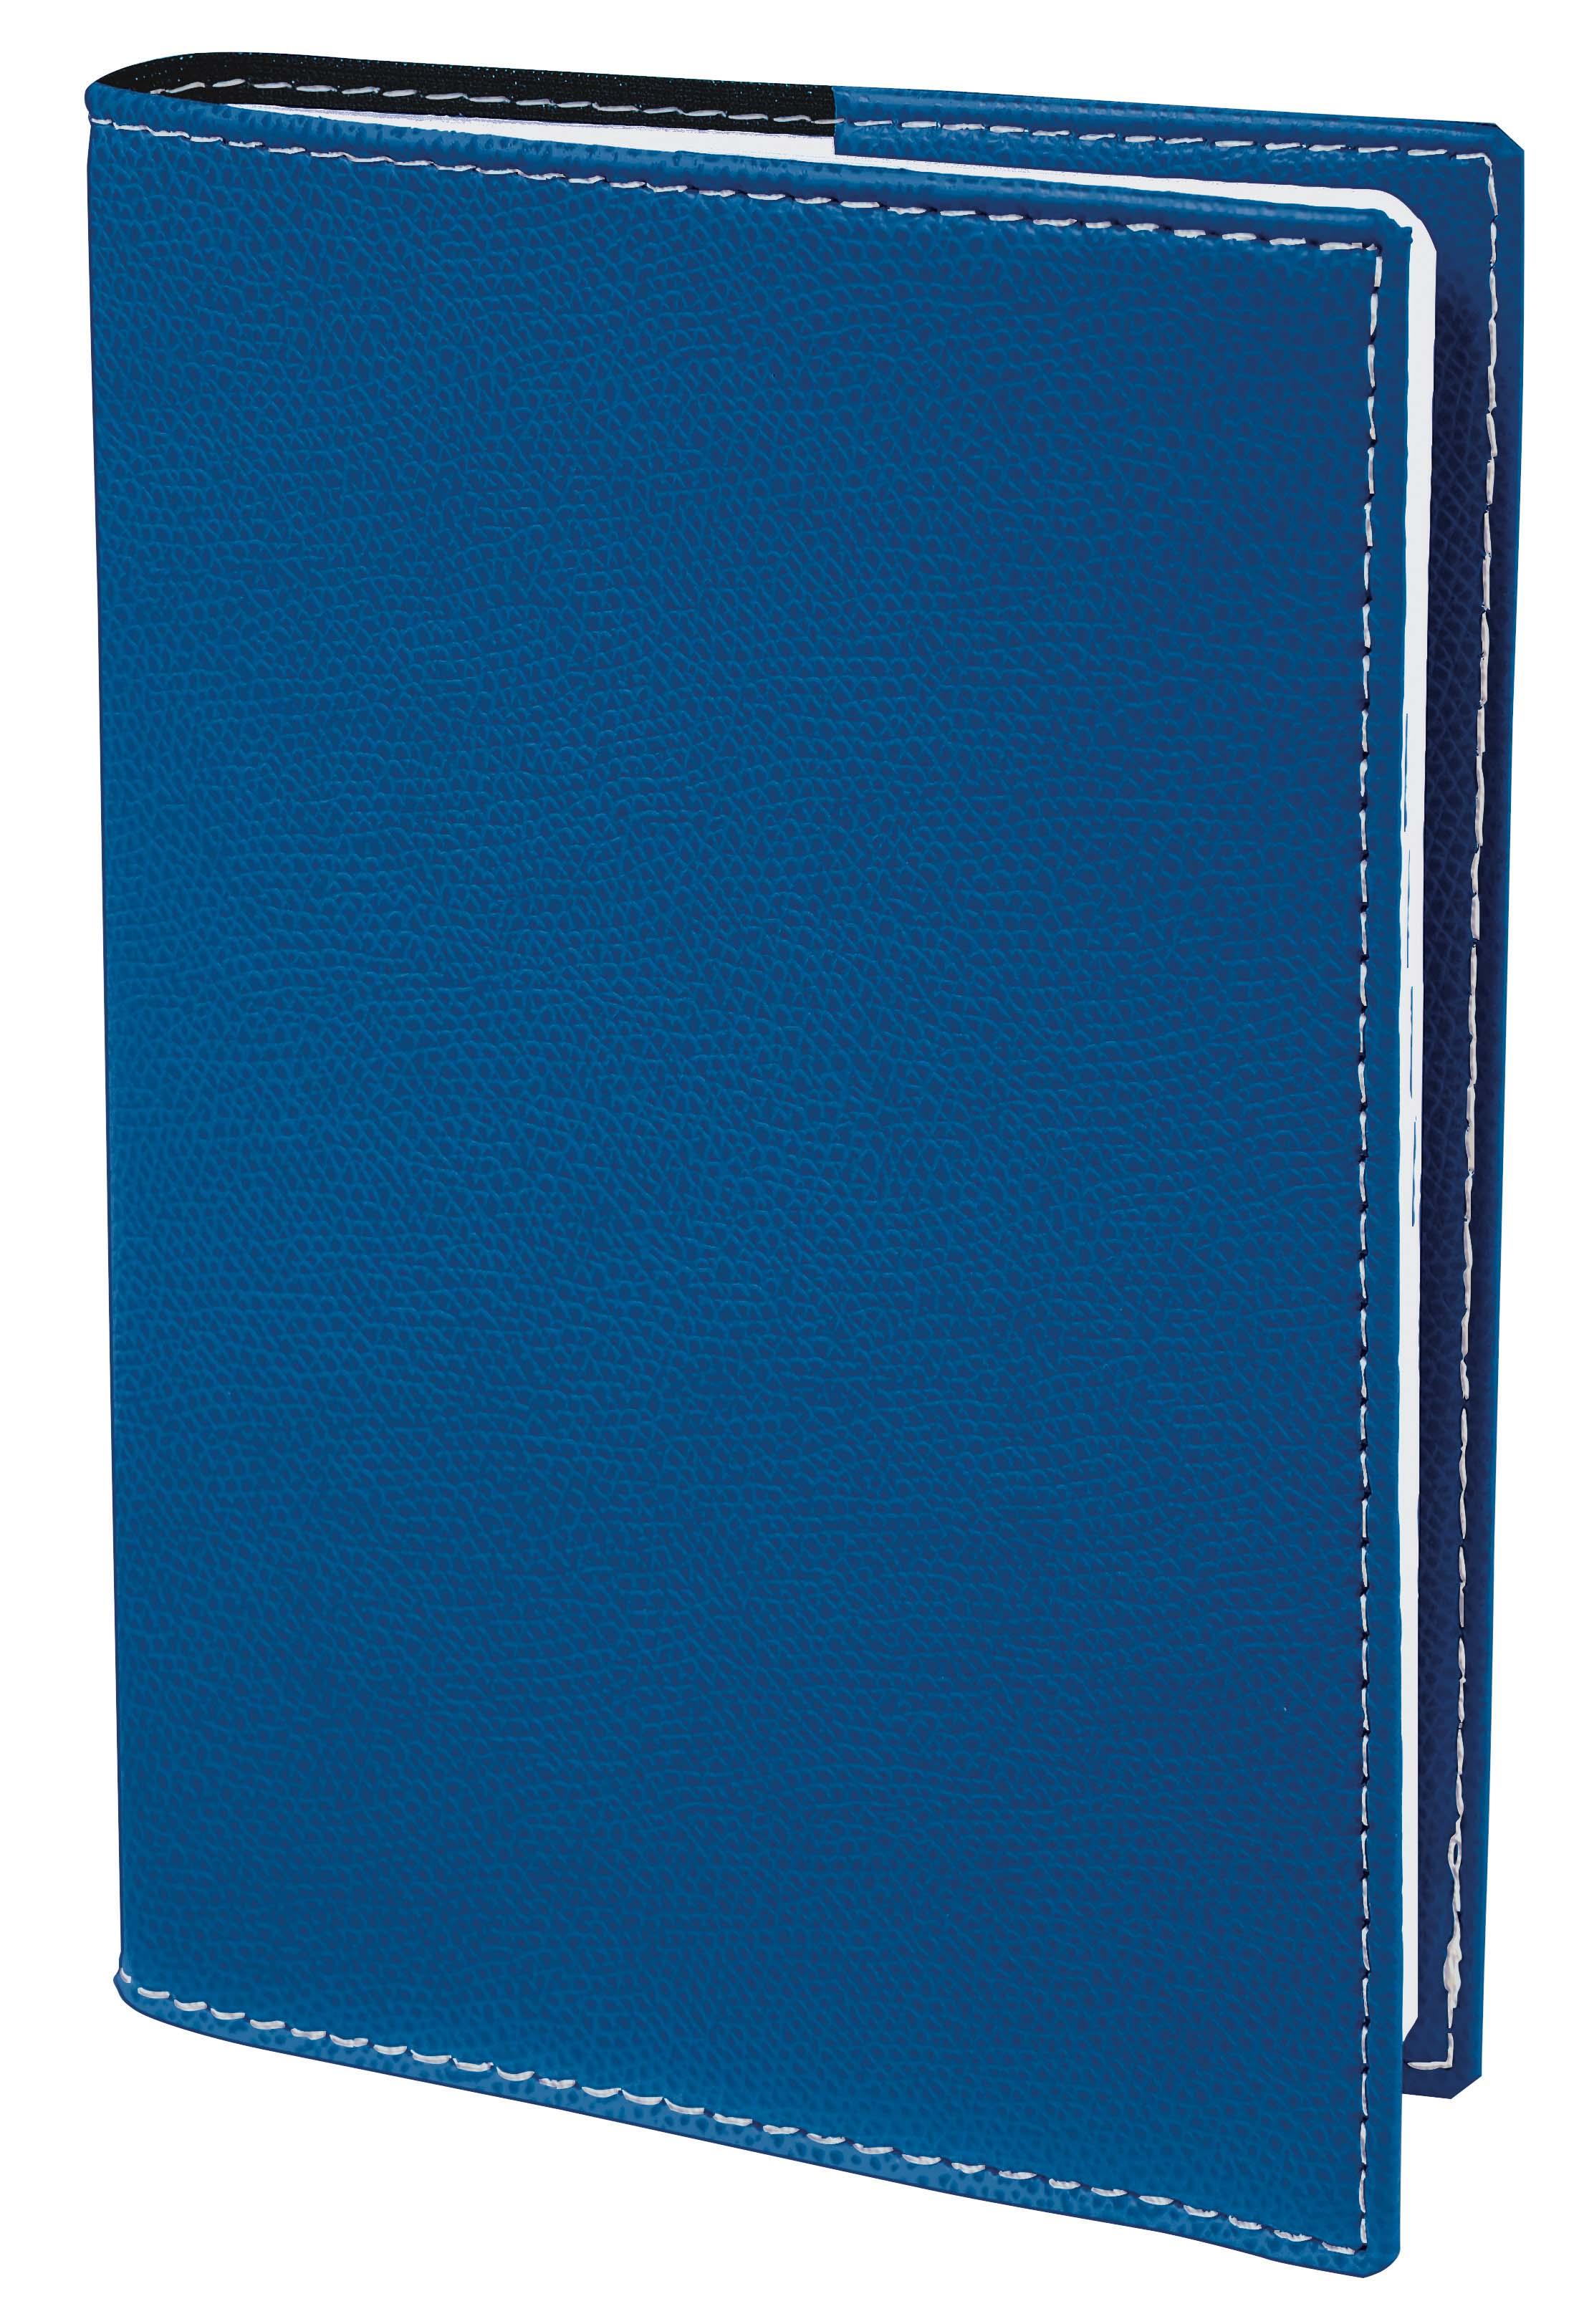 Agenda à spirale Club President - 1 semaine sur 2 pages - 21 x 27 cm - bleu roi - Quo Vadis